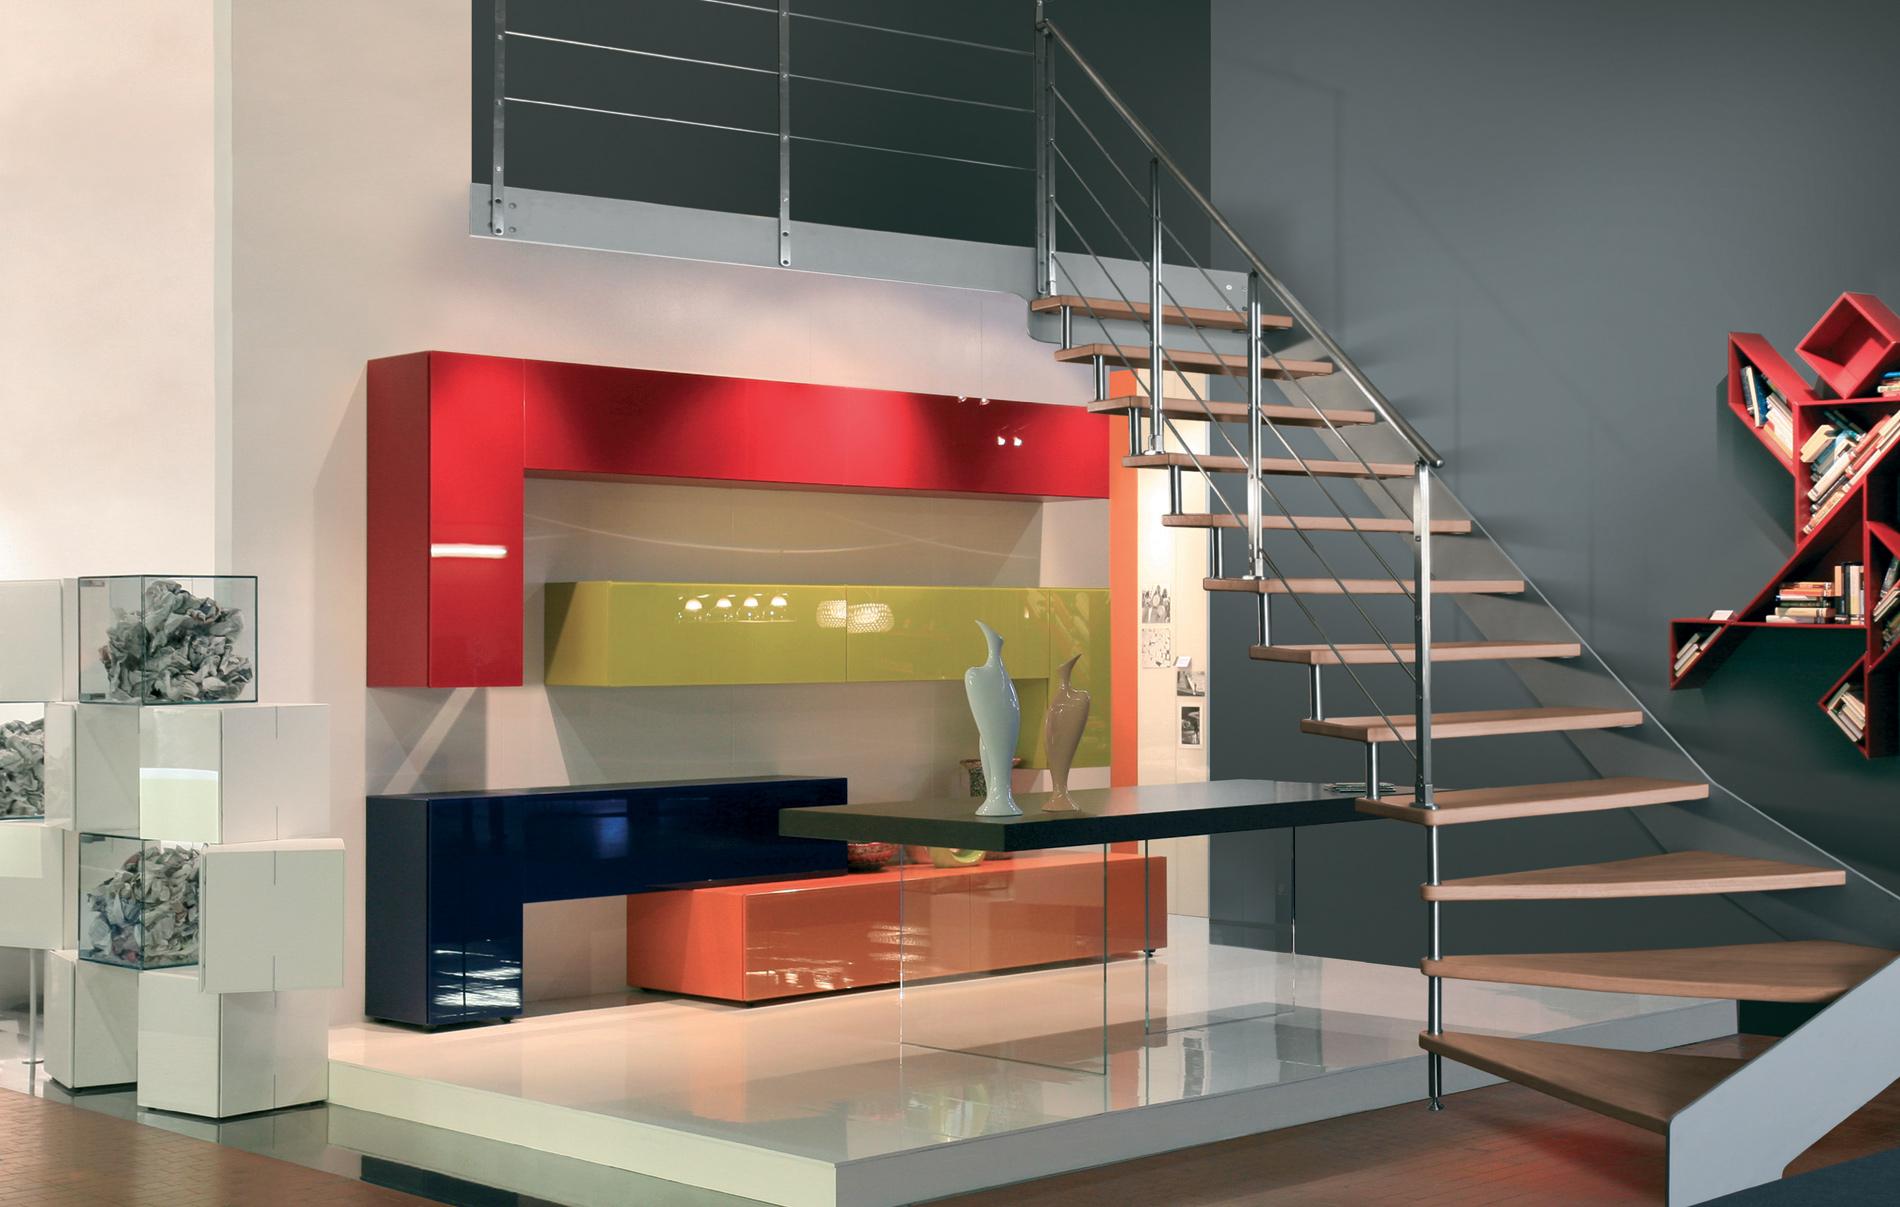 Duelle scale scale arredo opere d 39 arte che cambiano il for Duelle scale